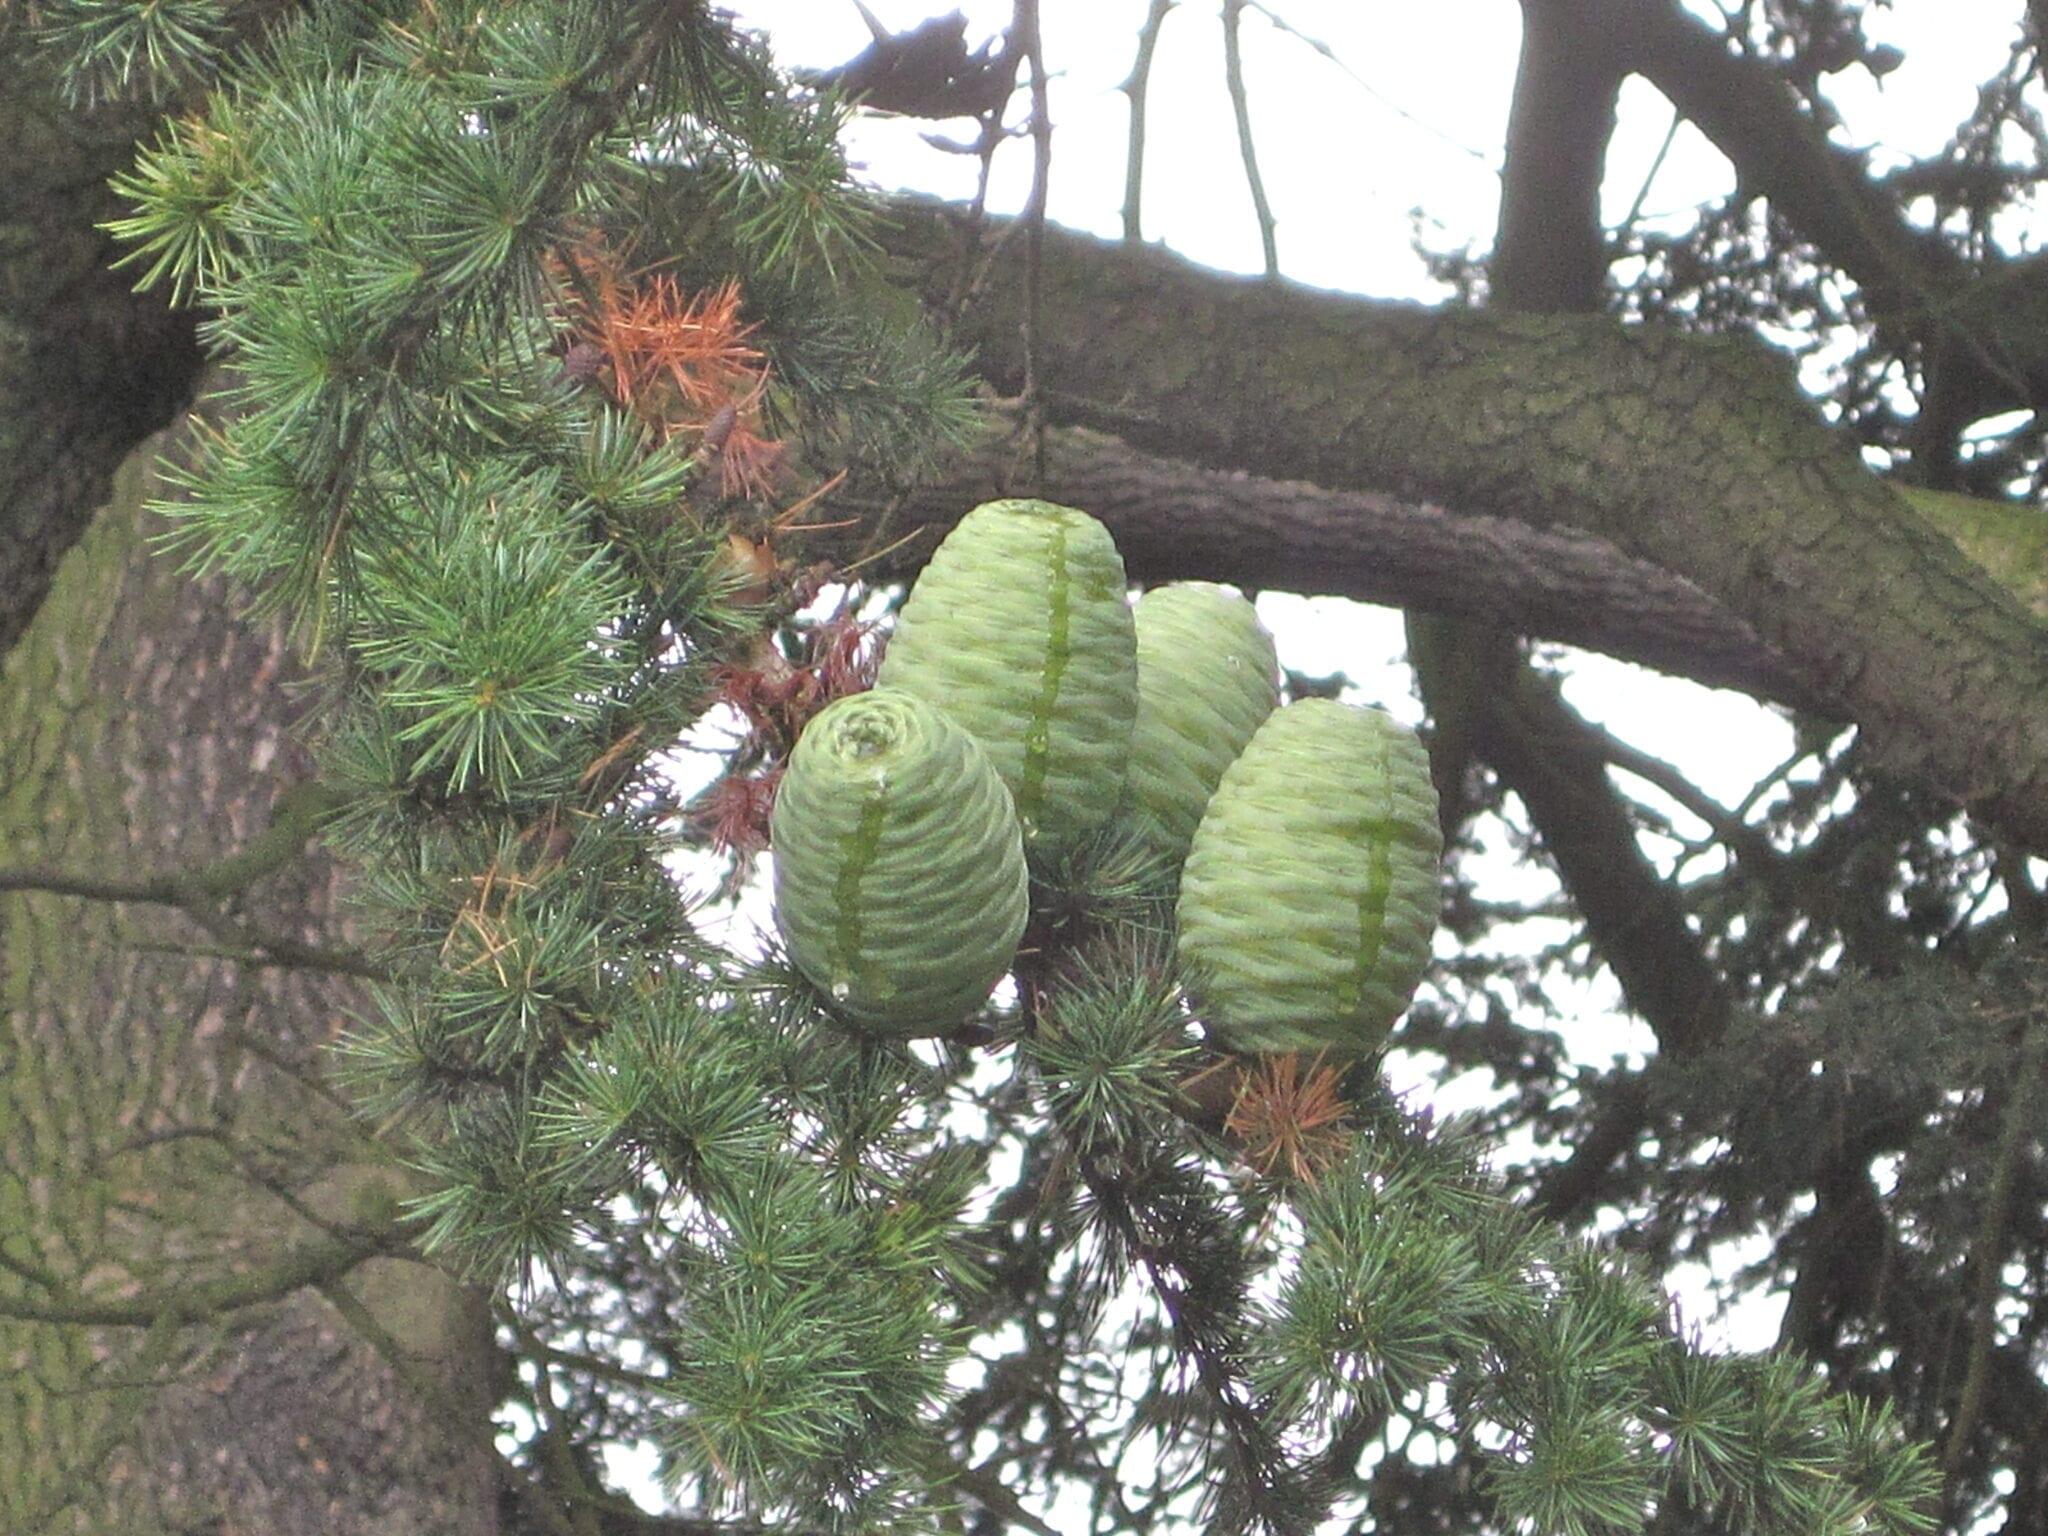 Atlas cedar seed cones